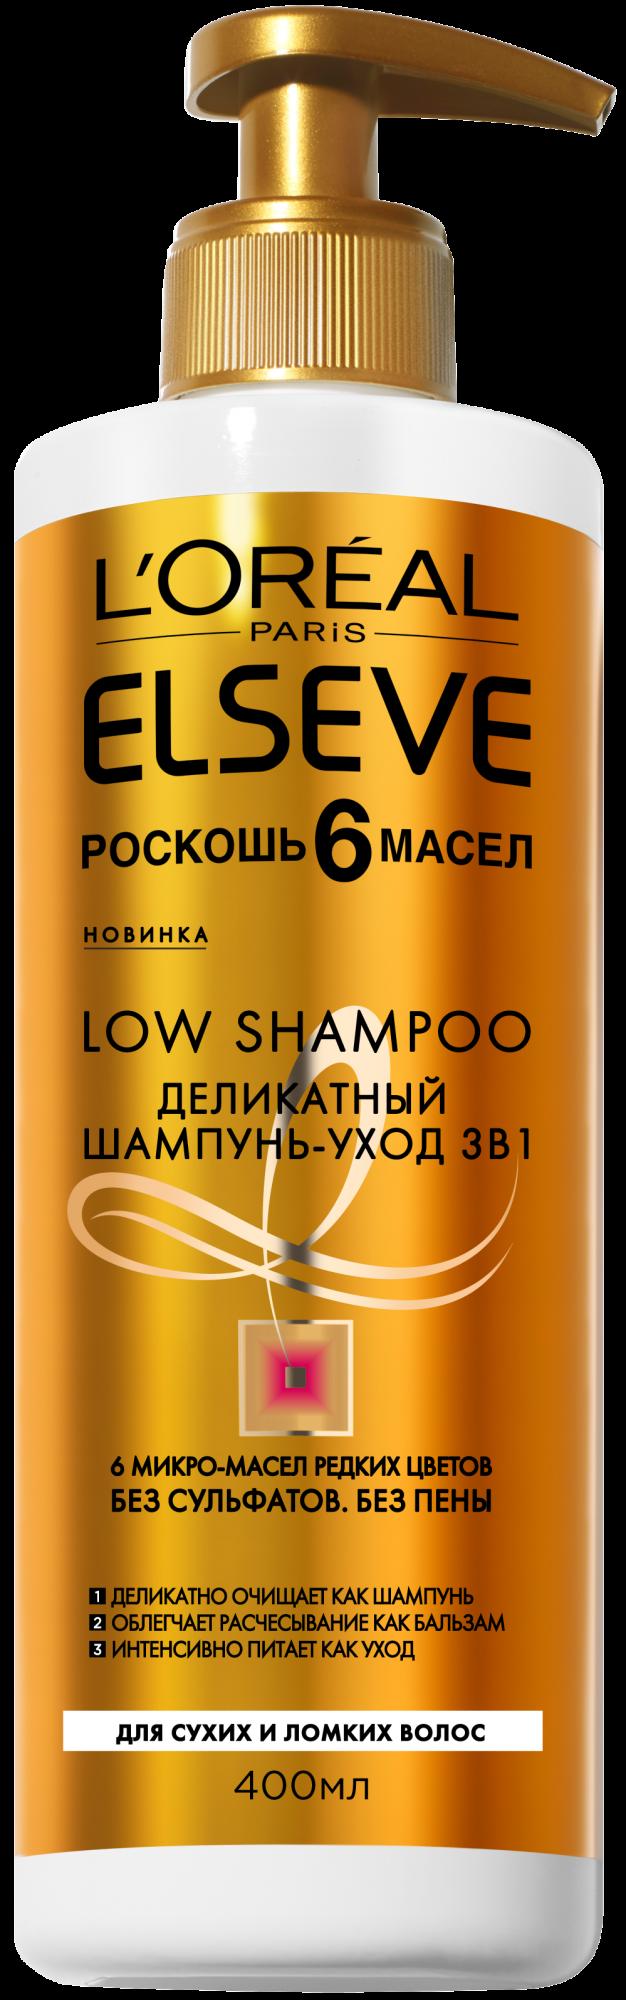 Миниатюра Шампунь L'Oreal Paris Elseve Low Shampoo Роскошь 6 масел 400 мл №1